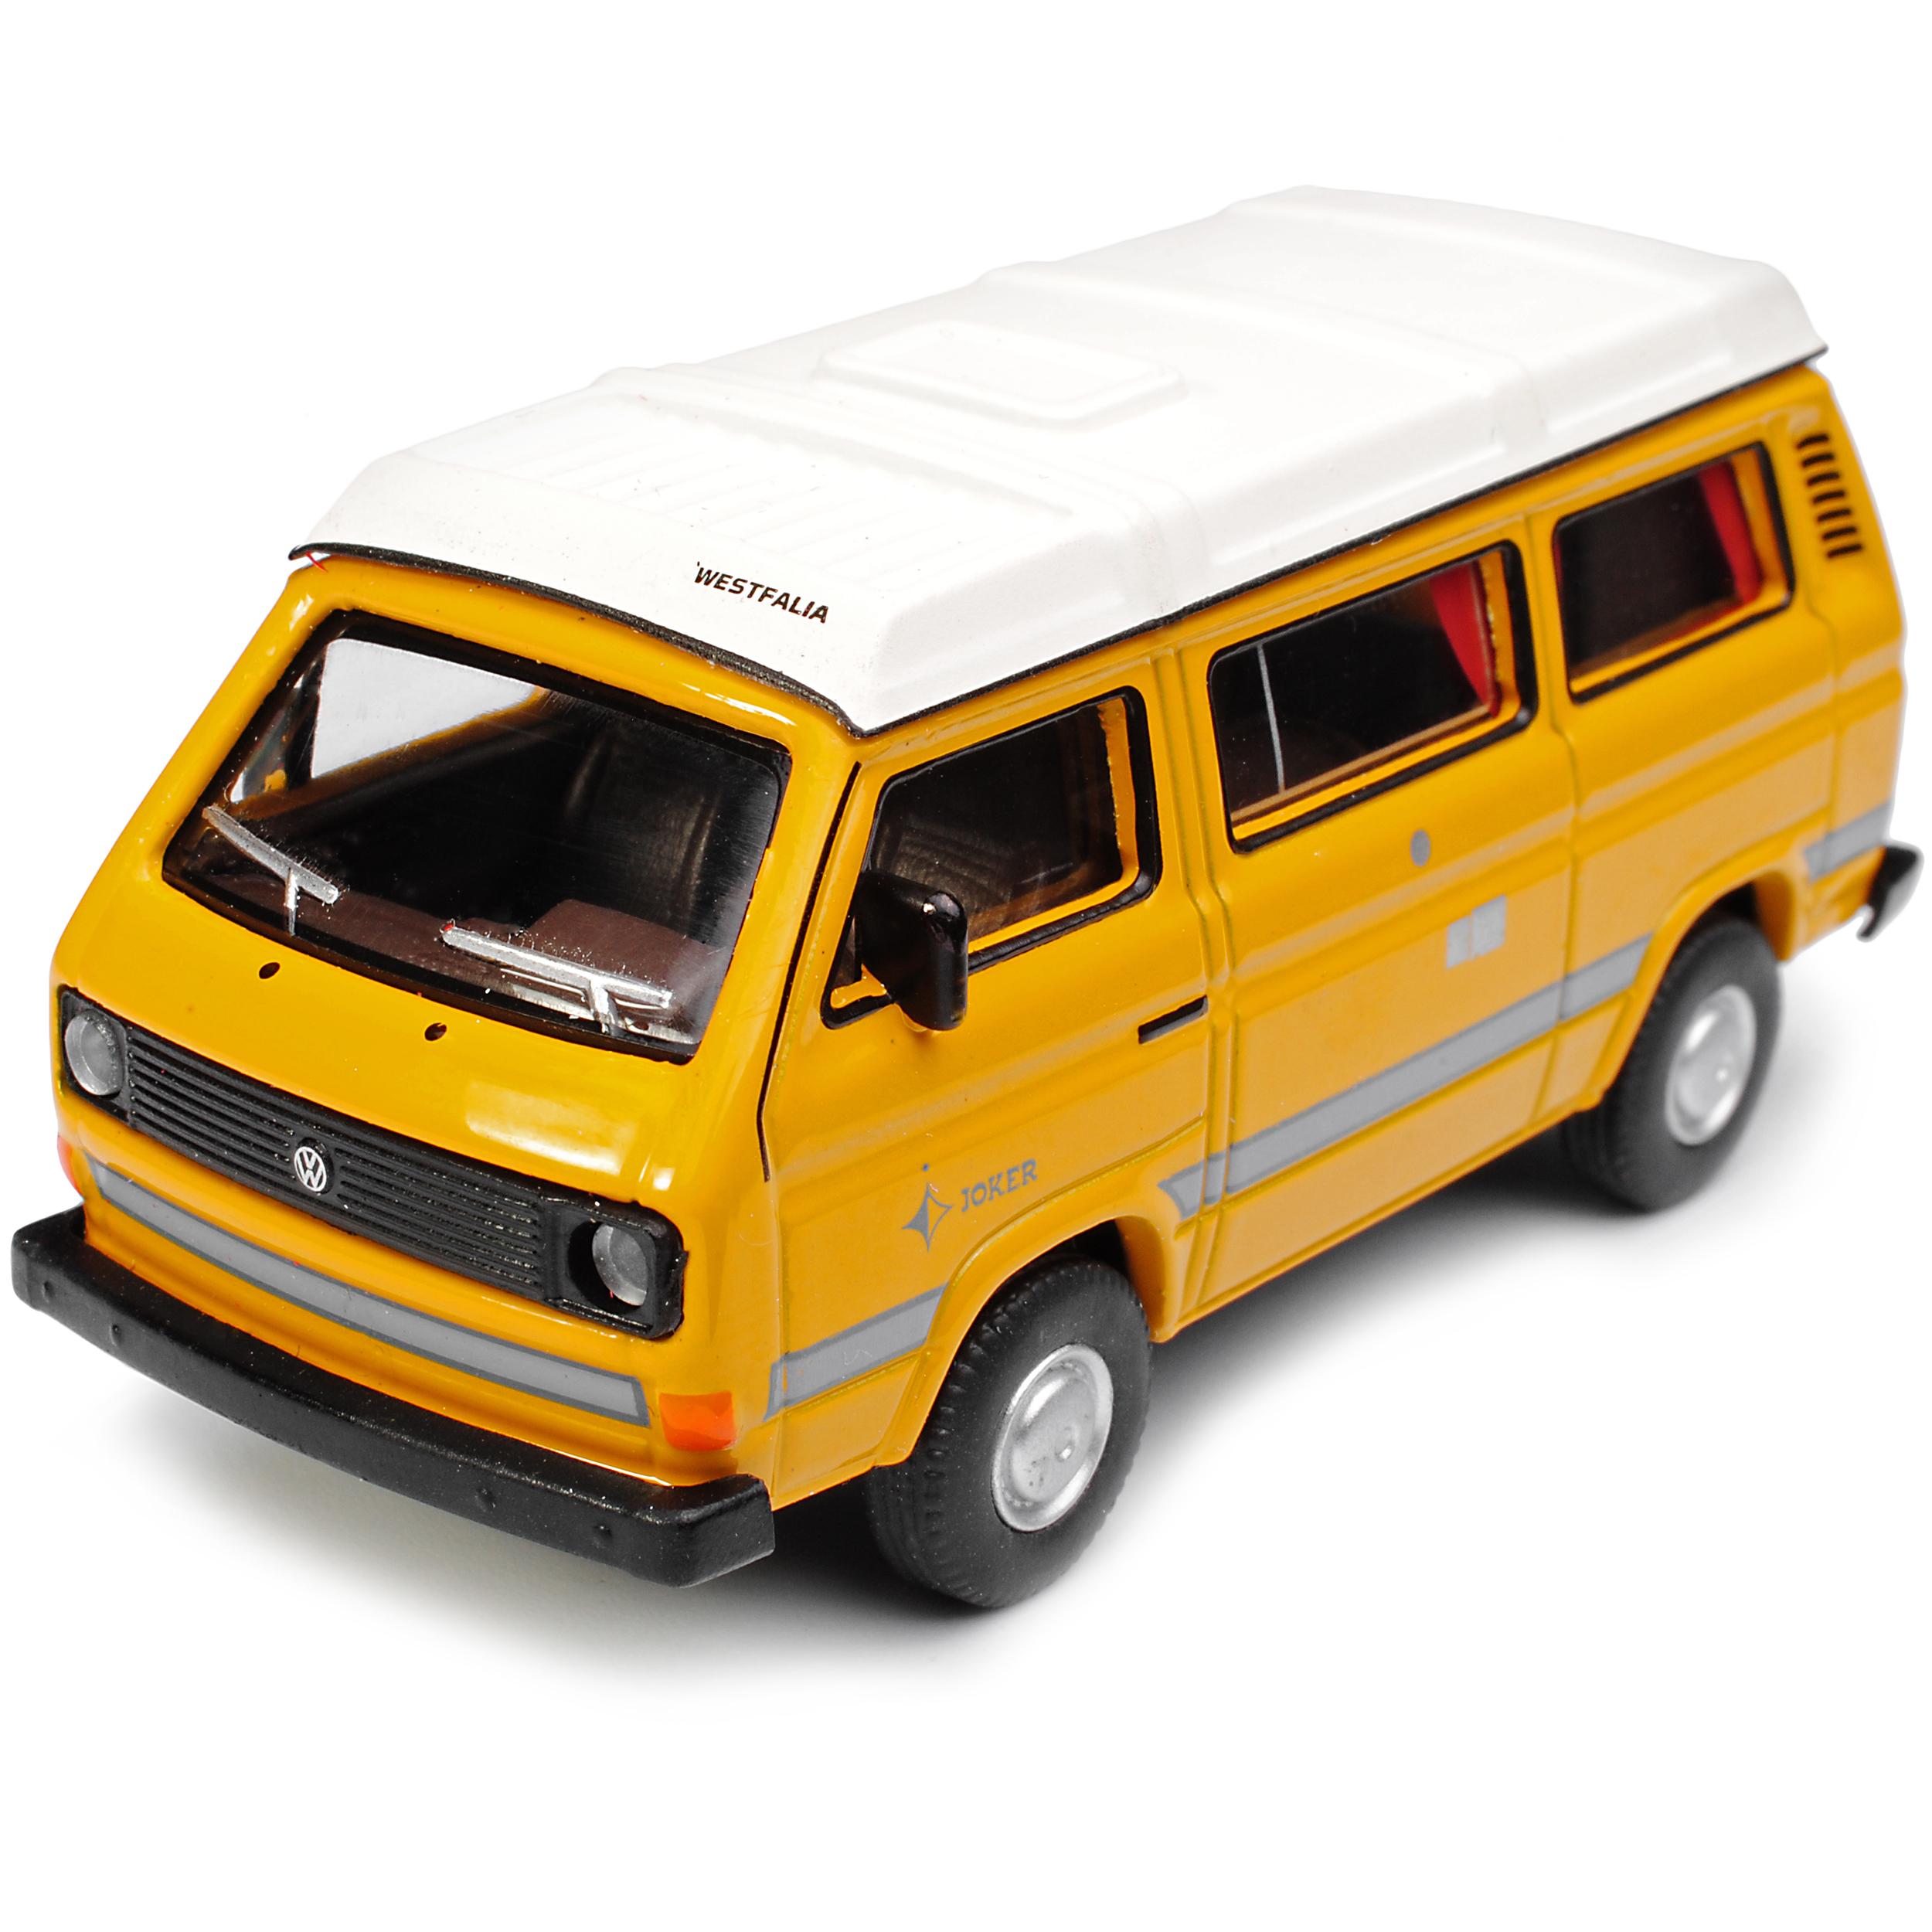 vw volkswagen t3 camper bus transporter camping gelb 1979. Black Bedroom Furniture Sets. Home Design Ideas